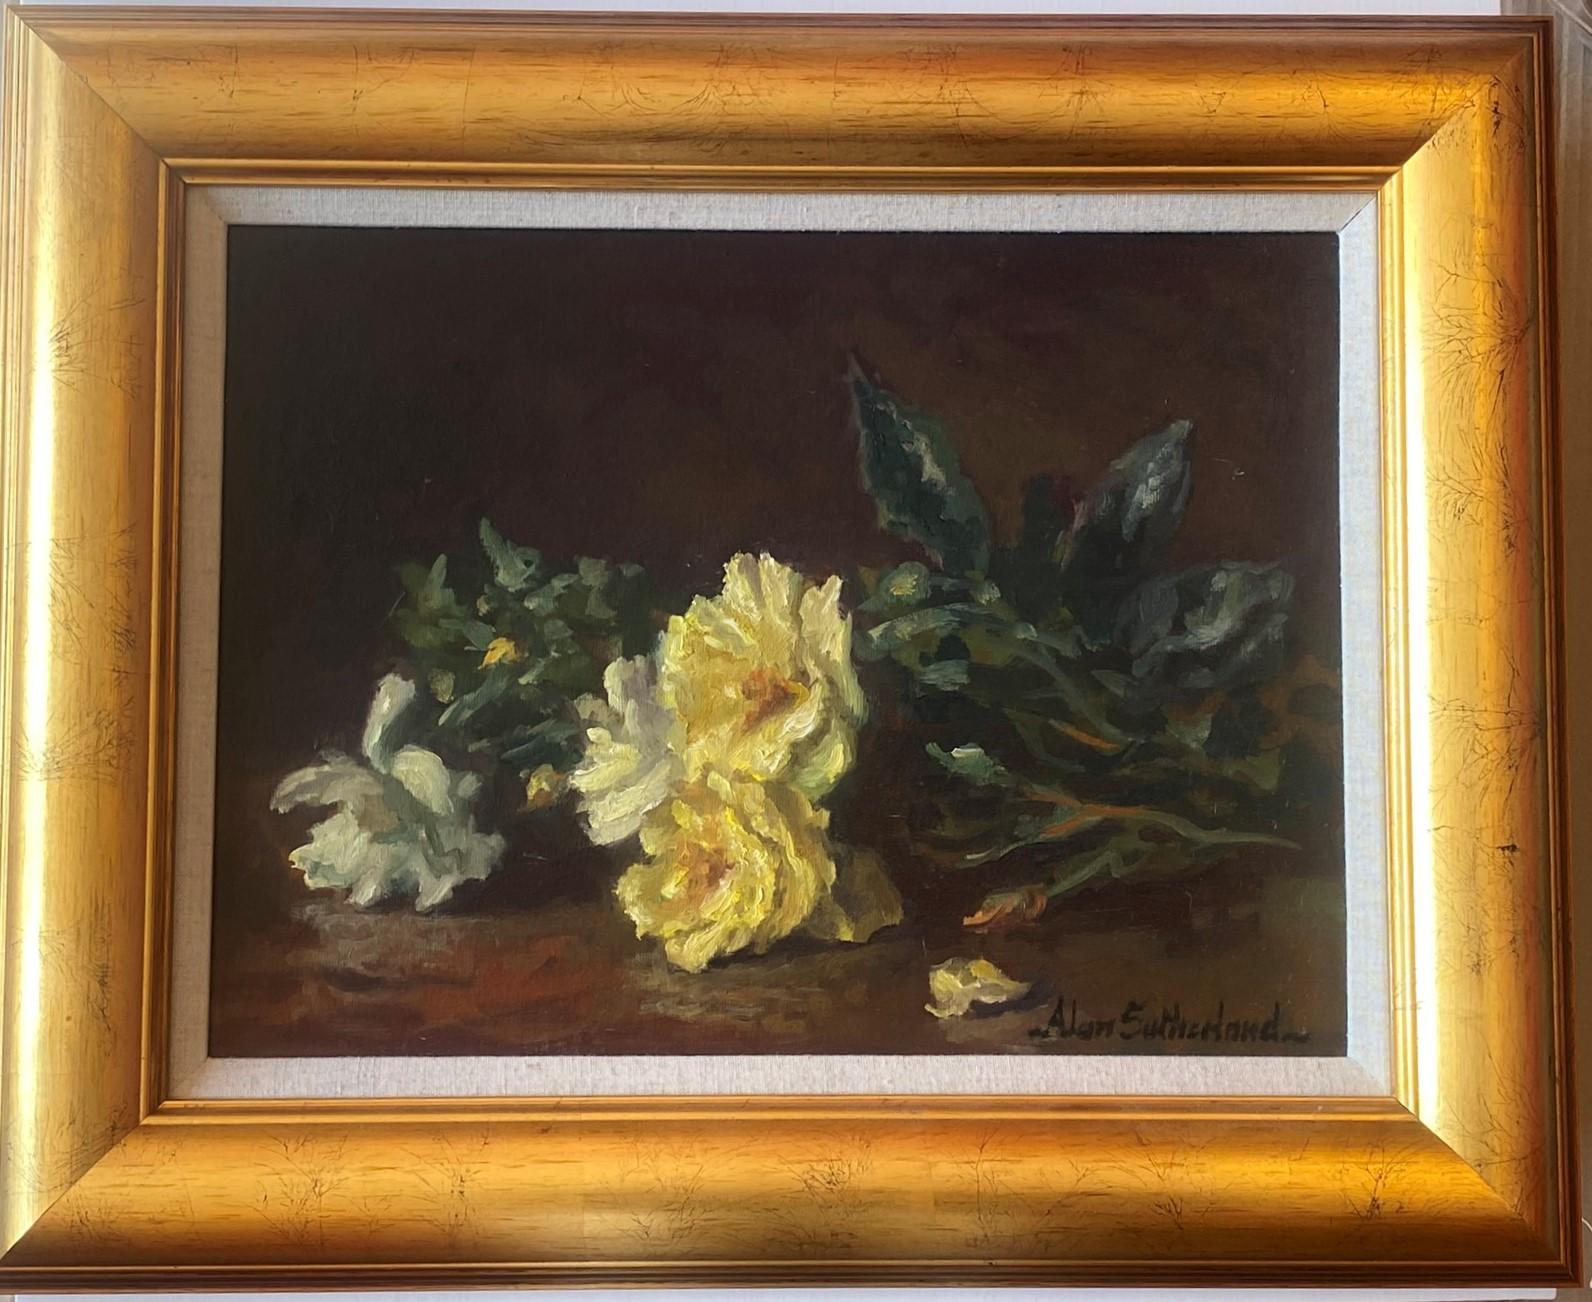 Original Signed Oil Scottish Based Artist. Alan Gordon Dunnett Sutherland - Dog Roses - Image 2 of 4